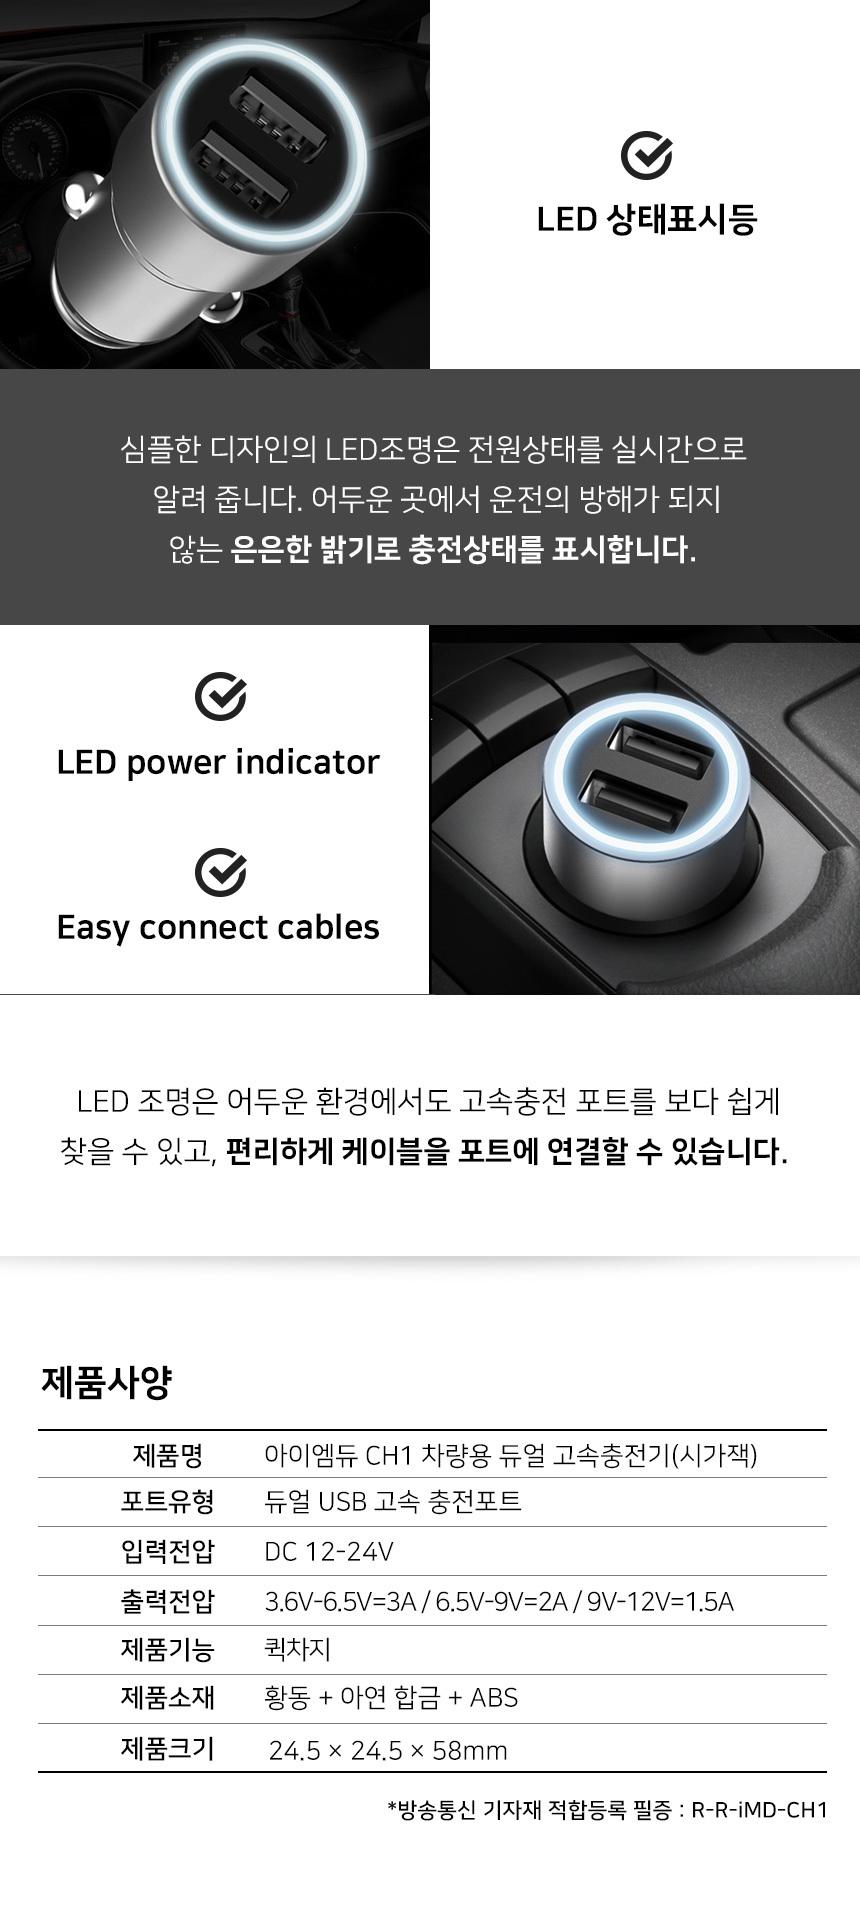 차량용 고속 급속 충전기 퀄컴3.0 CH1 - 아이엠듀, 11,900원, 충전기, 차량용충전기(시거잭)